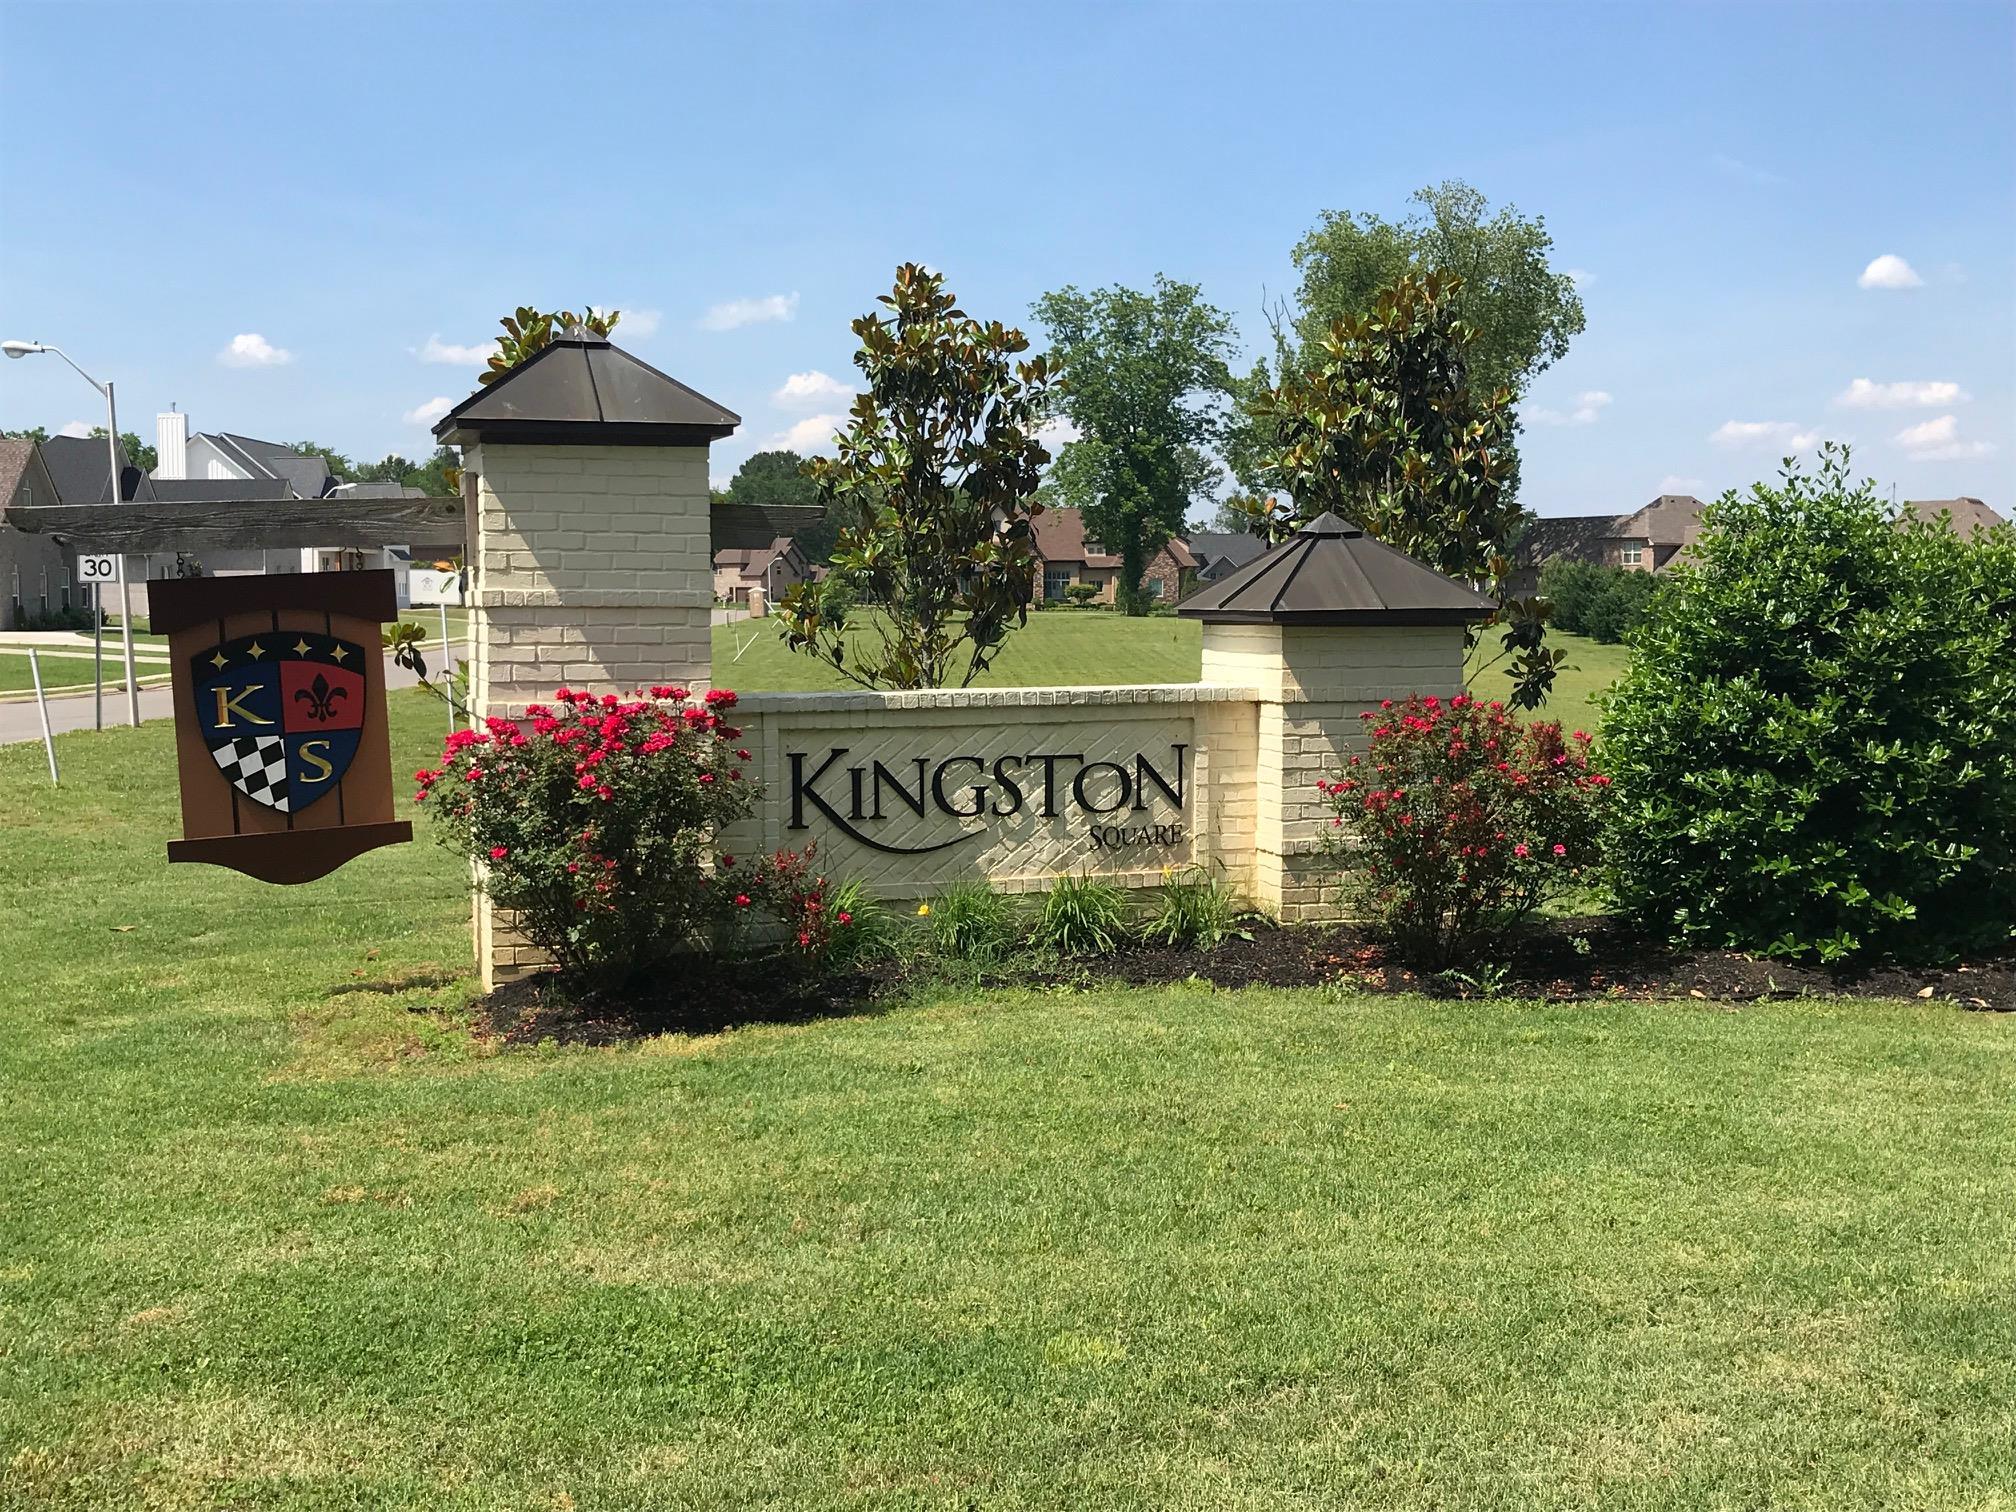 916 Empire Blvd, Murfreesboro, TN 37132 - Murfreesboro, TN real estate listing